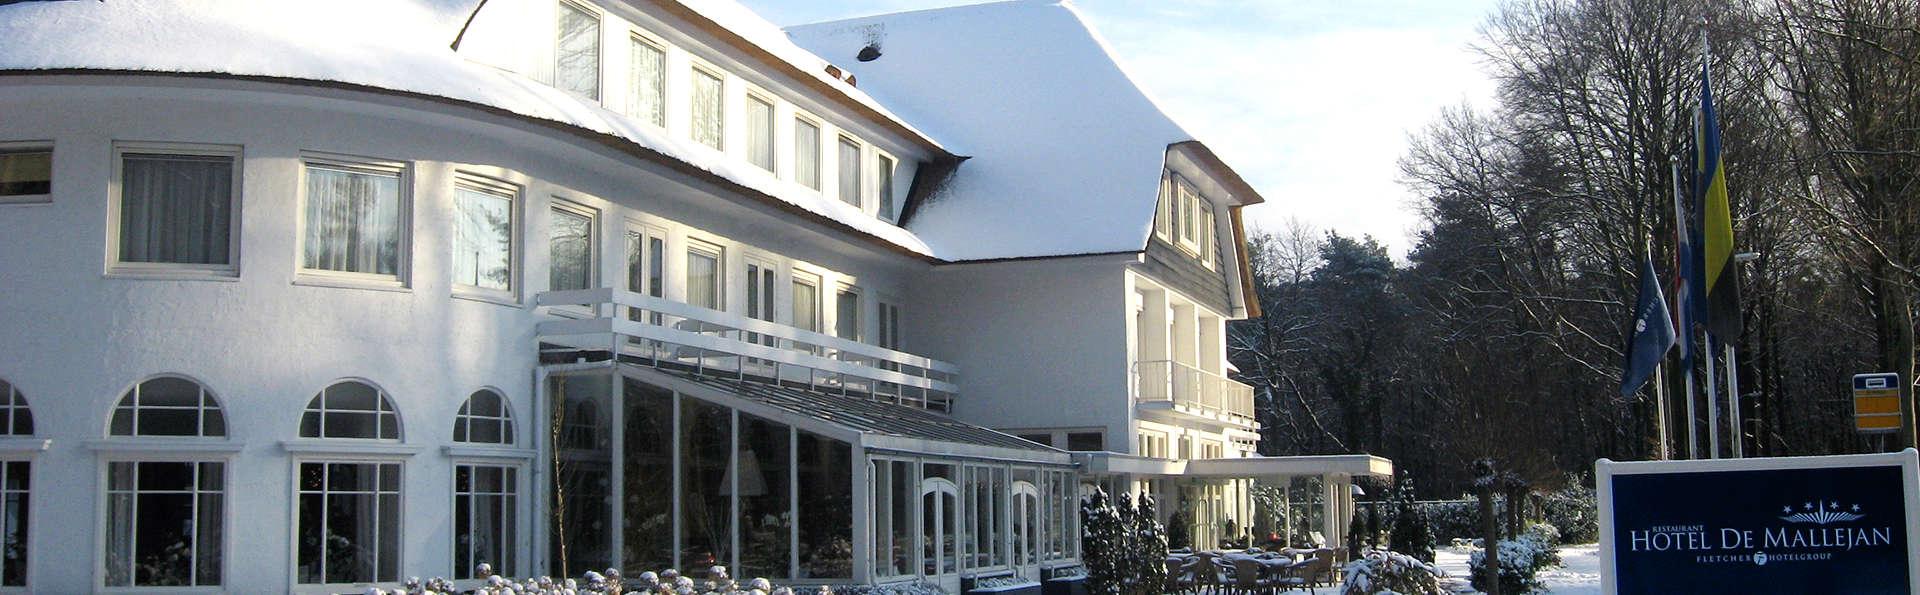 Fletcher Hotel-Restaurant De Mallejan - Edit_Front4.jpg